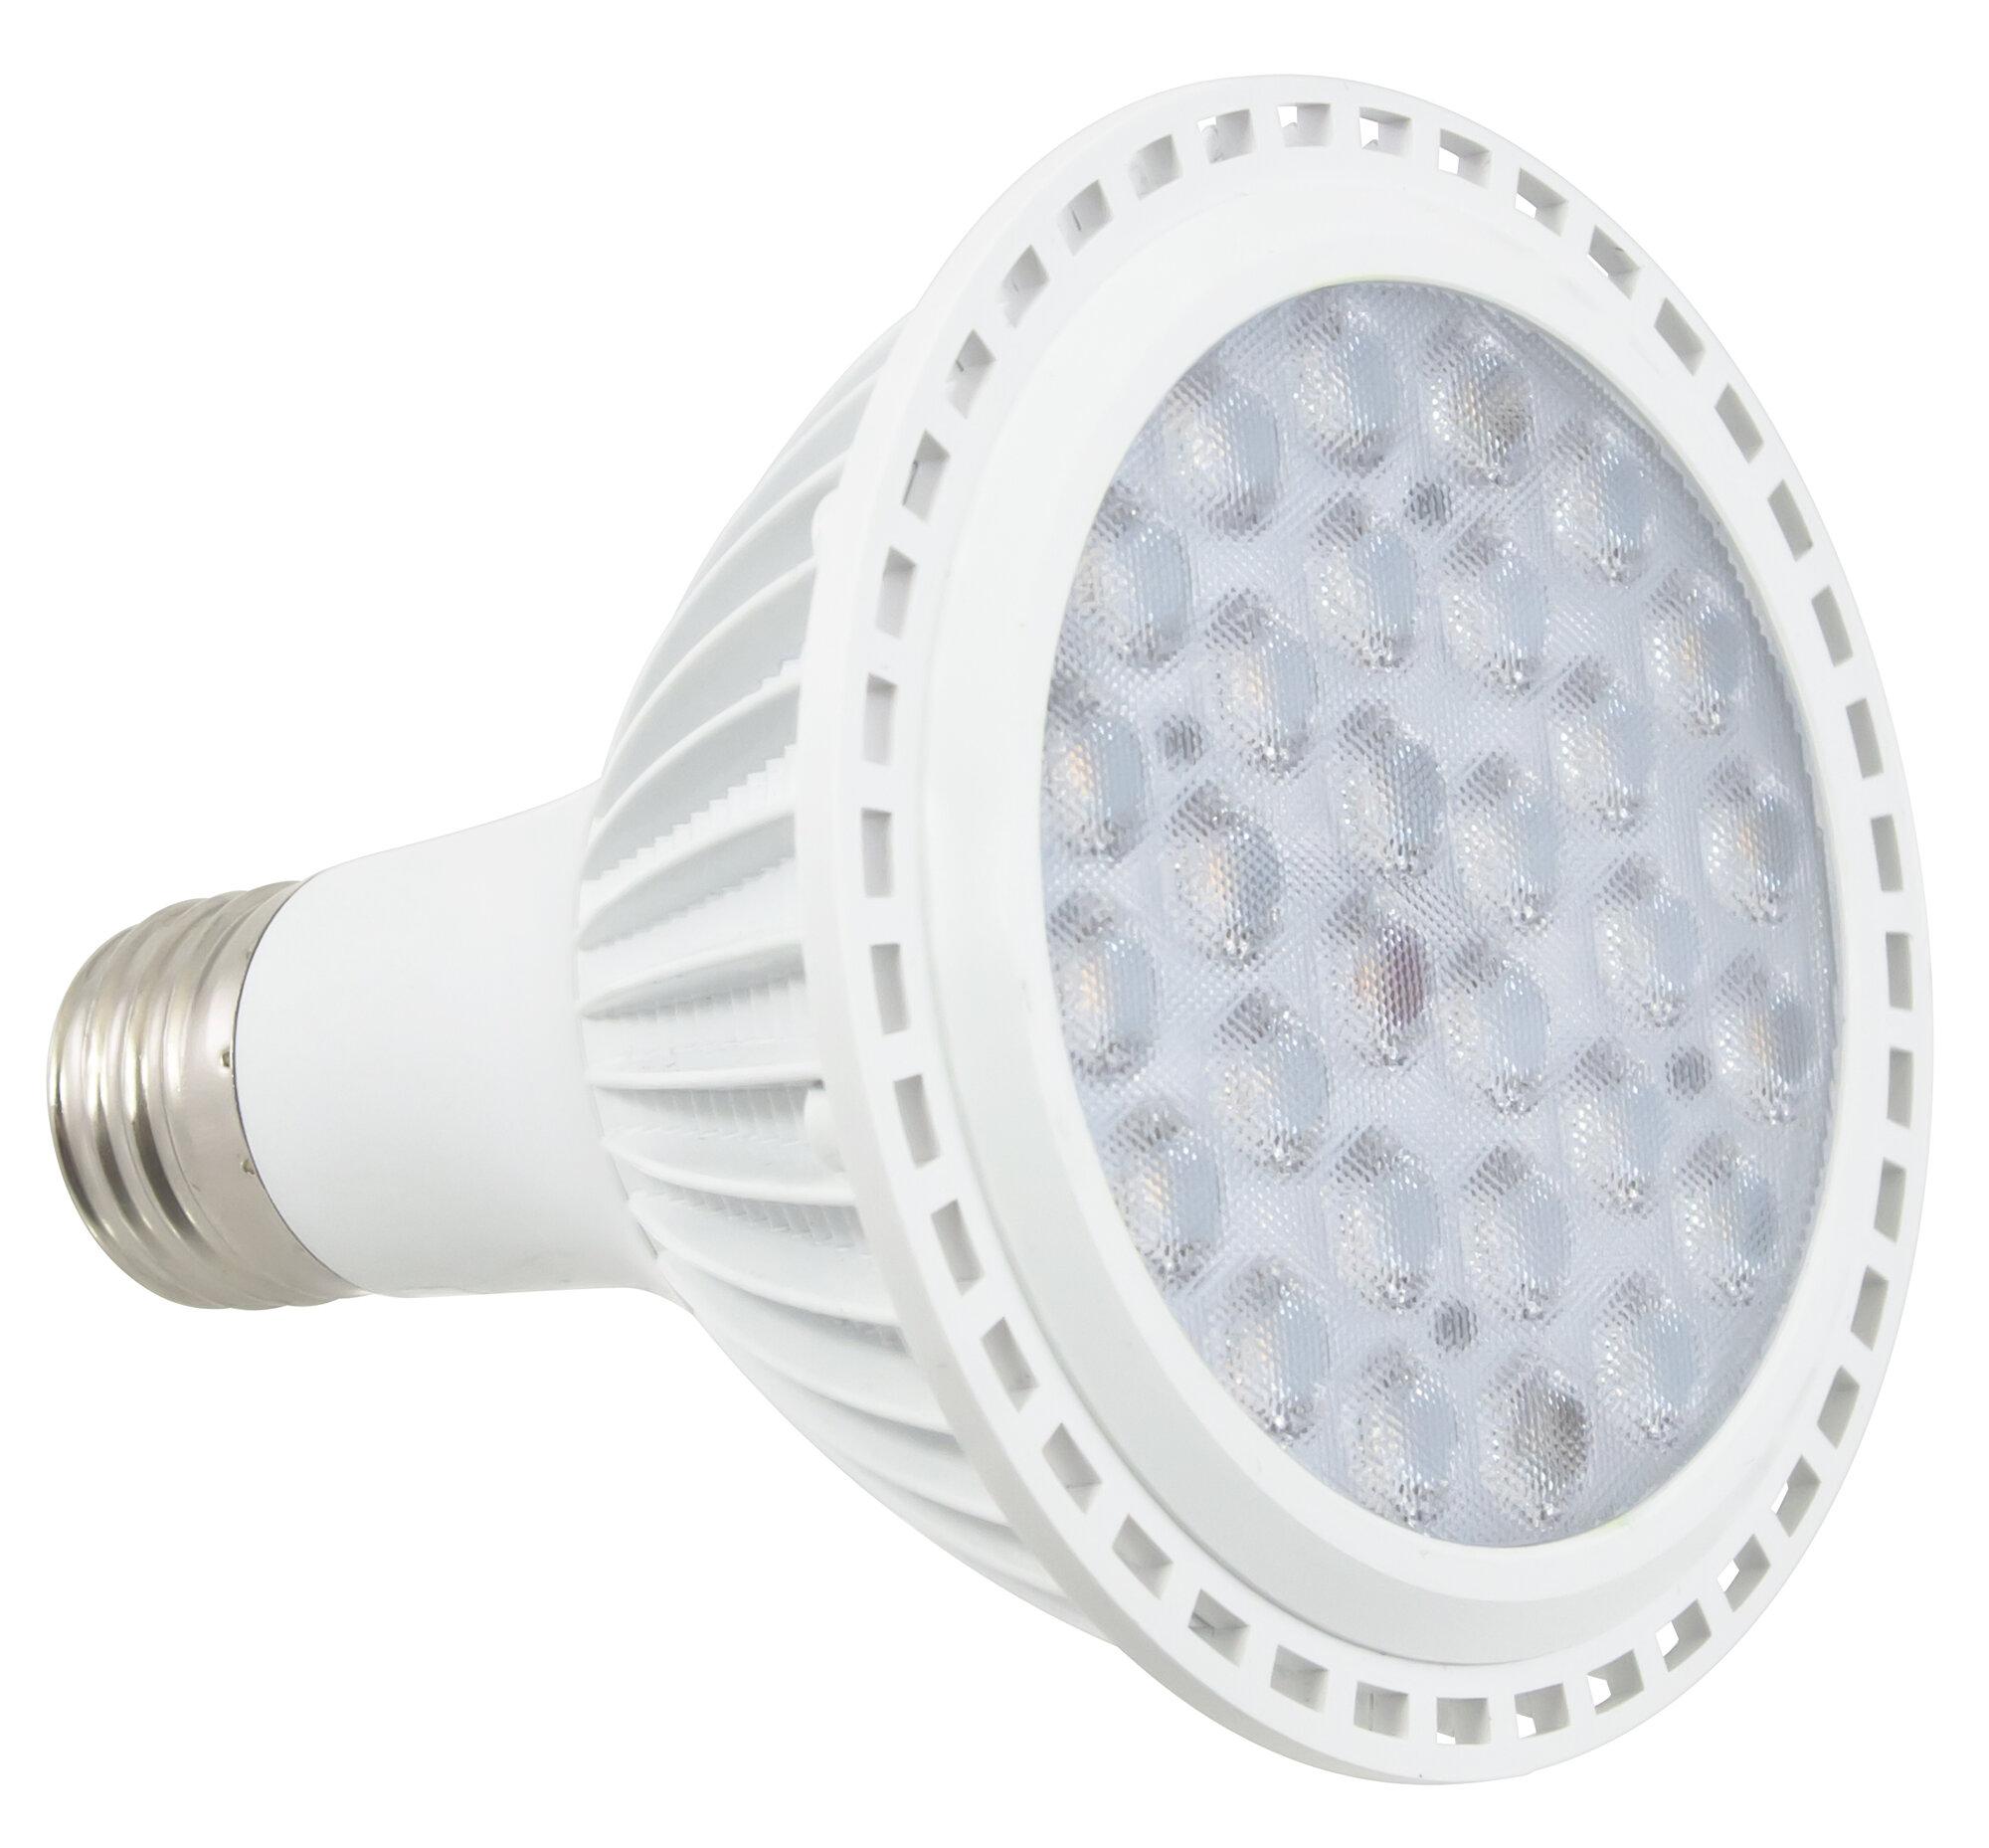 American Lighting LLC LED Light Bulb EBay